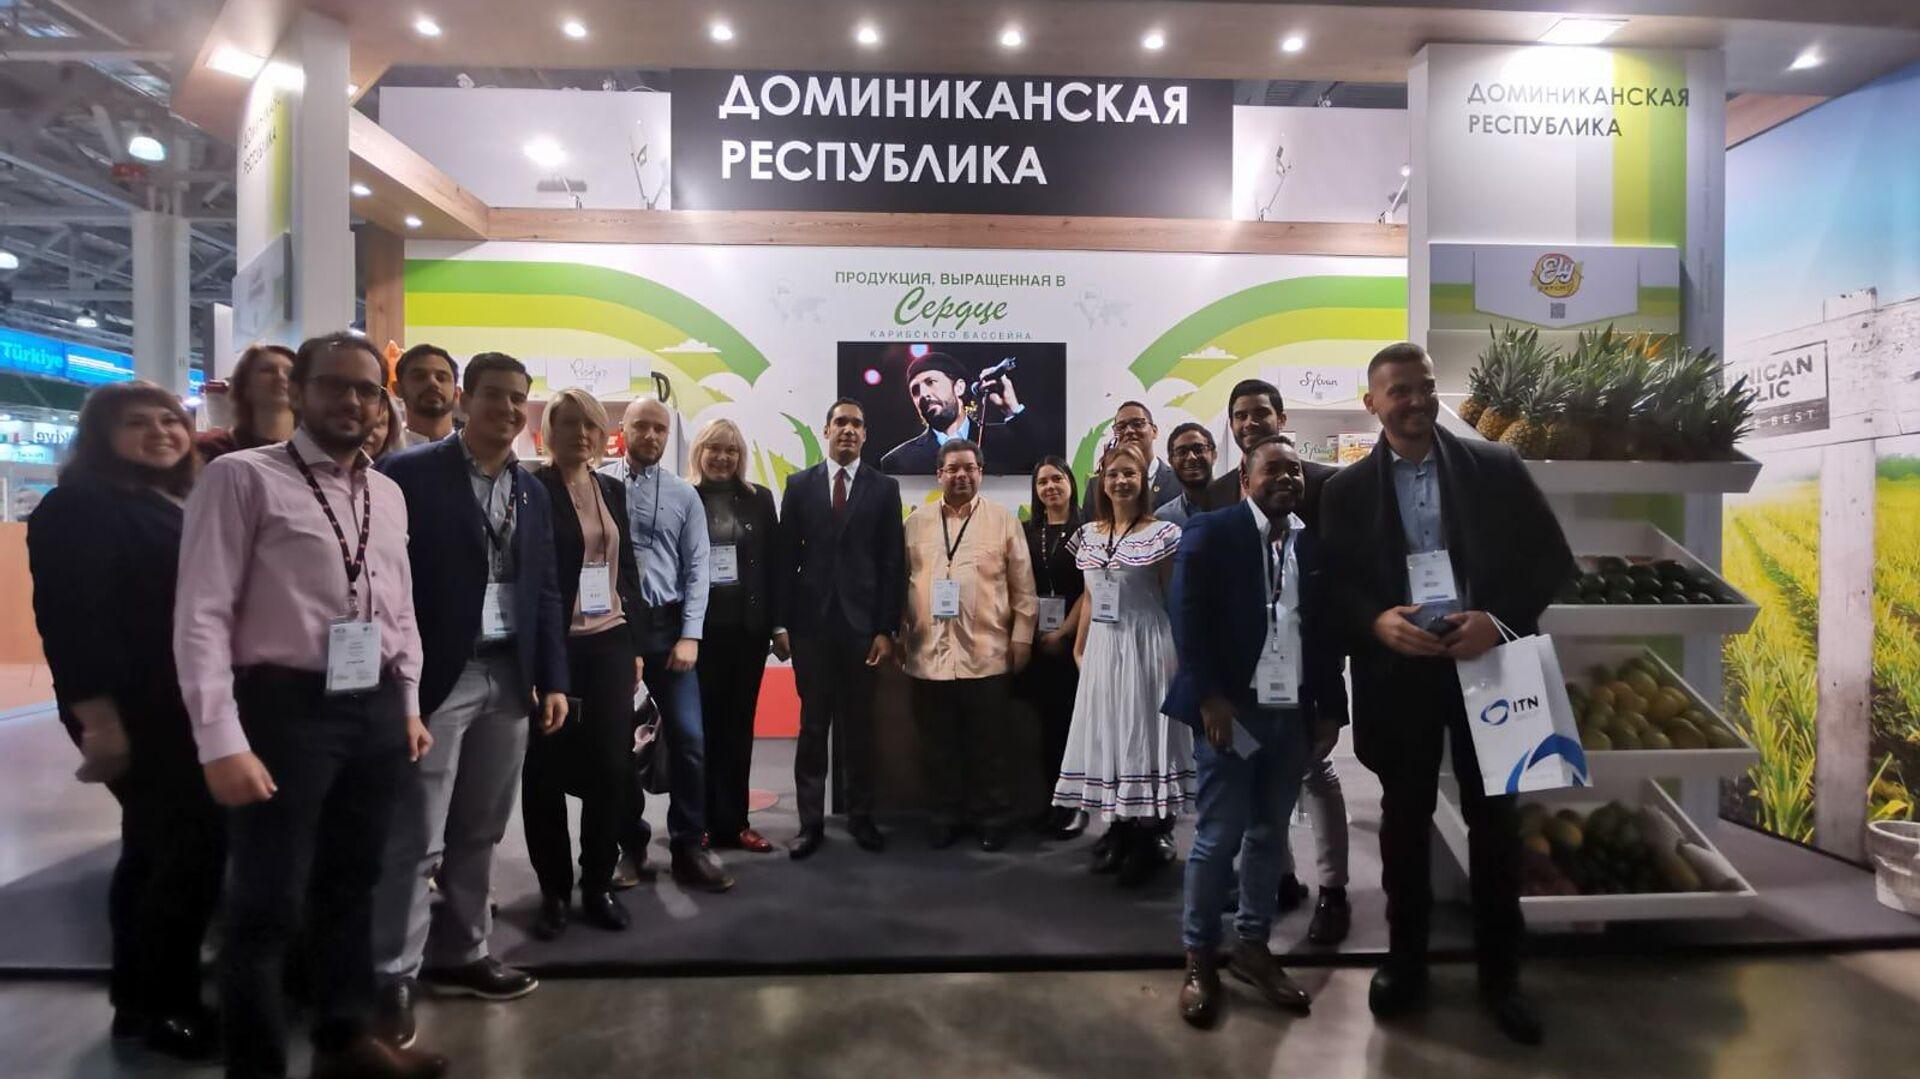 Hans Dannenberg Castellanos, embajador de la República Dominicana en Moscú, en la feria agroalimentaria WorldFood Moscow 2021 - Sputnik Mundo, 1920, 24.09.2021